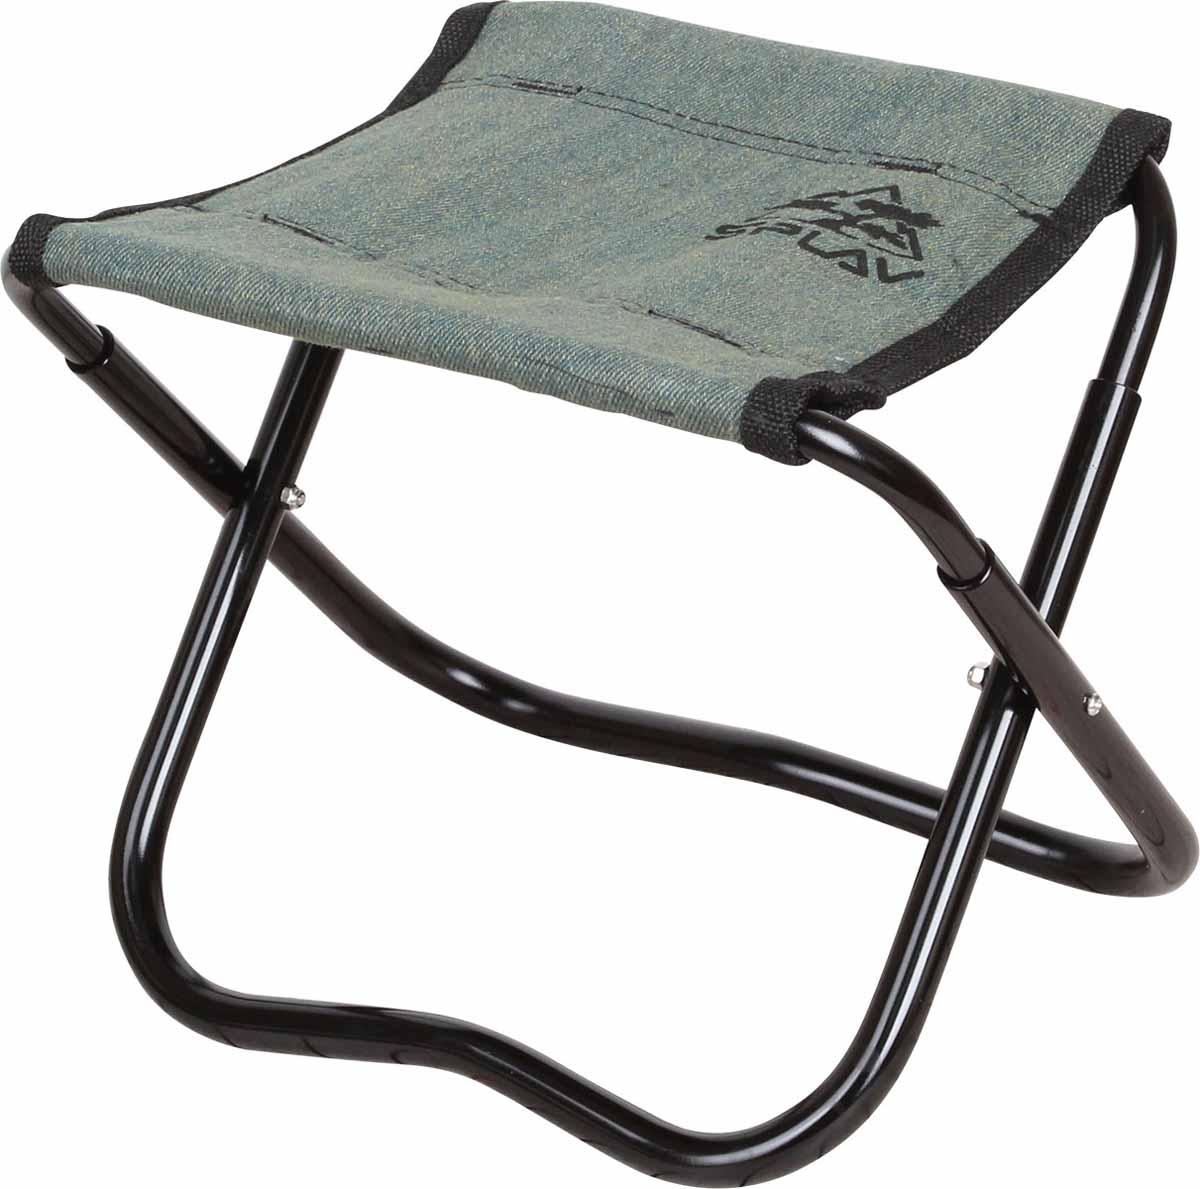 Стул складной Сплав Fix, цвет: черный, зеленый5115040Стул складной Сплав Fix - это незаменимый предмет походной мебели, очень удобен в эксплуатации. Каркас изготовлен из прочного и долговечного алюминия, устойчивого к погодным условиям. Материал ткани сидения 100% хлопок. Стул легко собирается и разбирается и не занимает много места, поэтому подходит для транспортировки и хранения дома. Складной табурет прекрасно подойдет для комфортного отдыха на даче или в походе.Вес: 244 г.Максимальная нагрузка: 95 кг.Размер: 18 х 23 х 20 см.